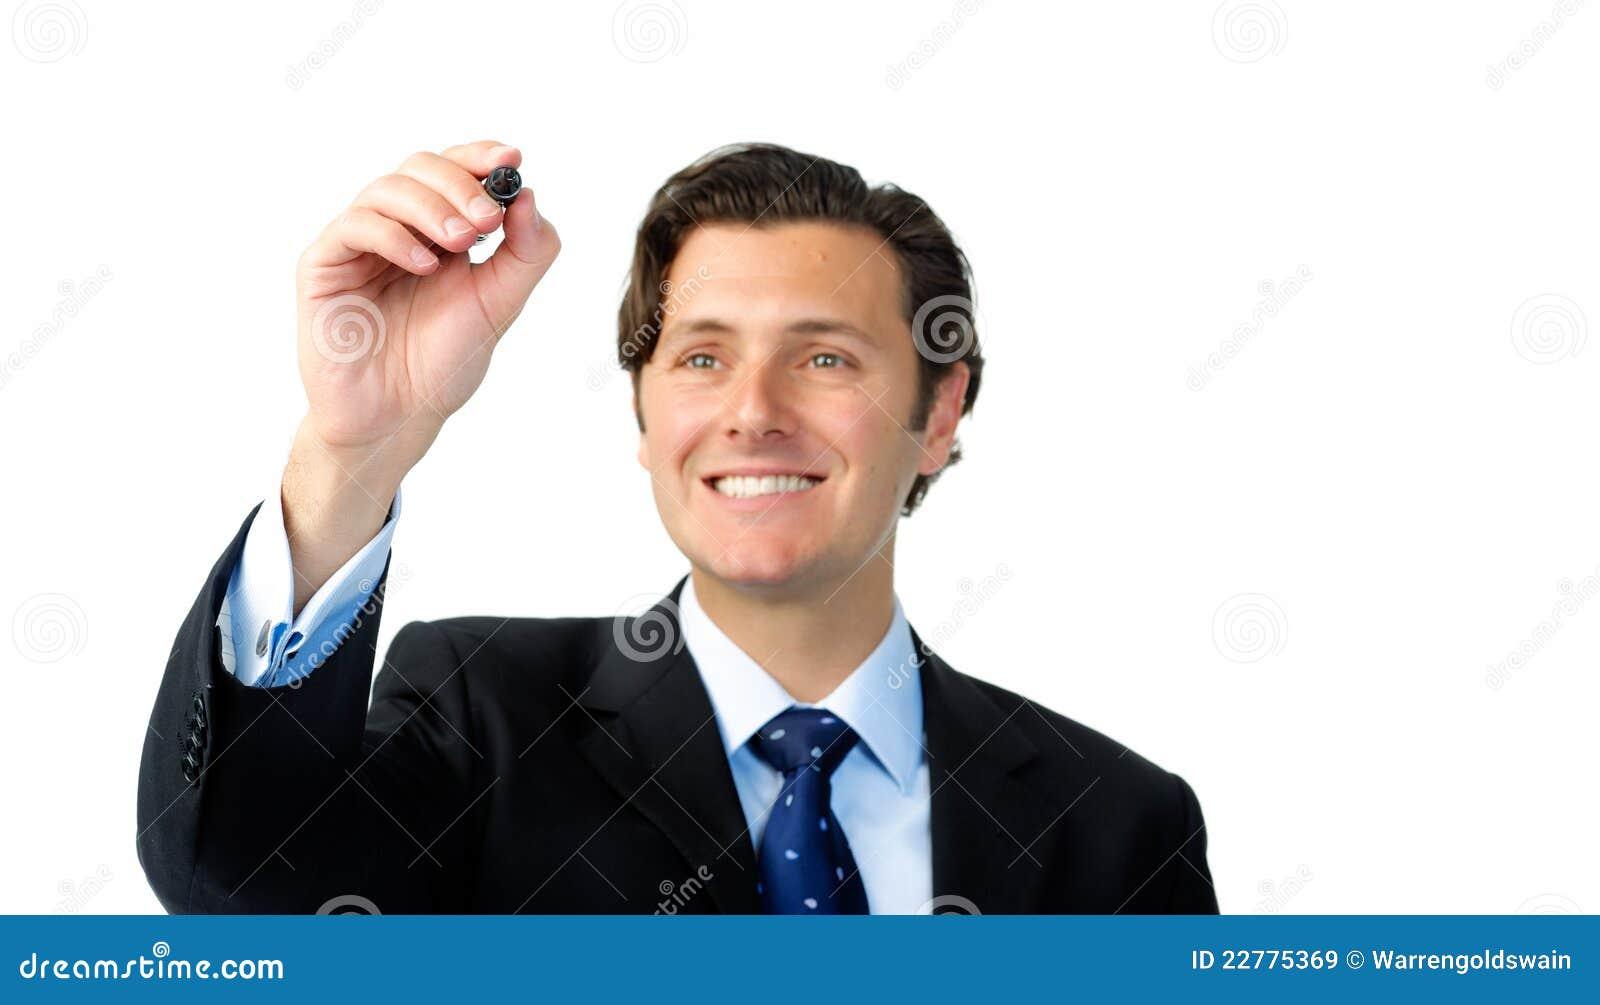 Ο χαμογελώντας επιχειρηματίας γράφει με έναν δείκτη στον αέρα